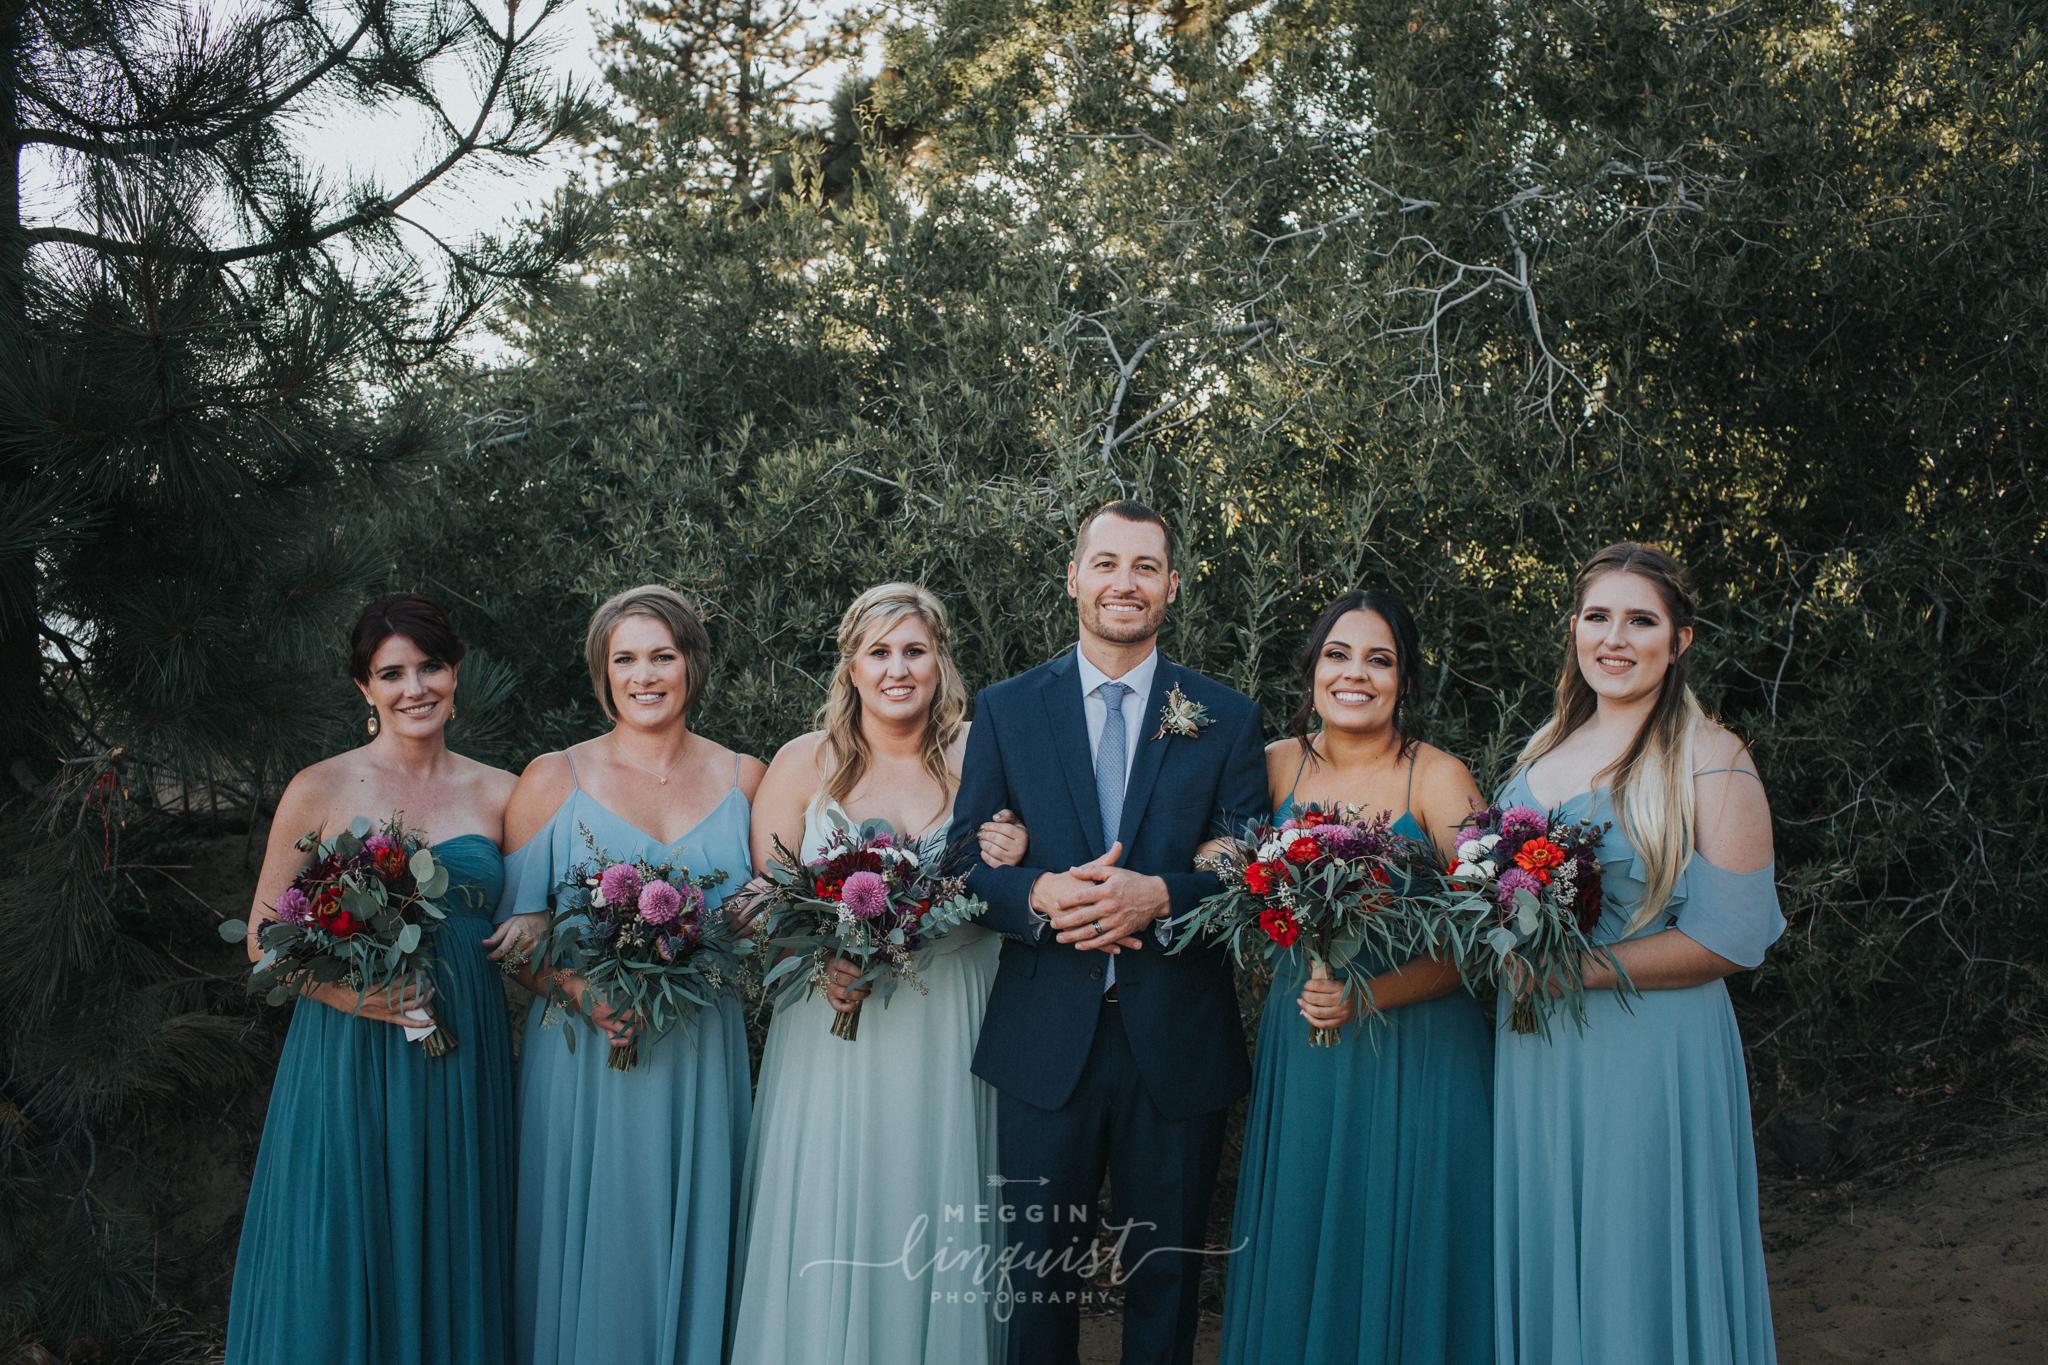 bohemian-style-lake-wedding-reno-lake-tahoe-wedding-photographer-38.jpg